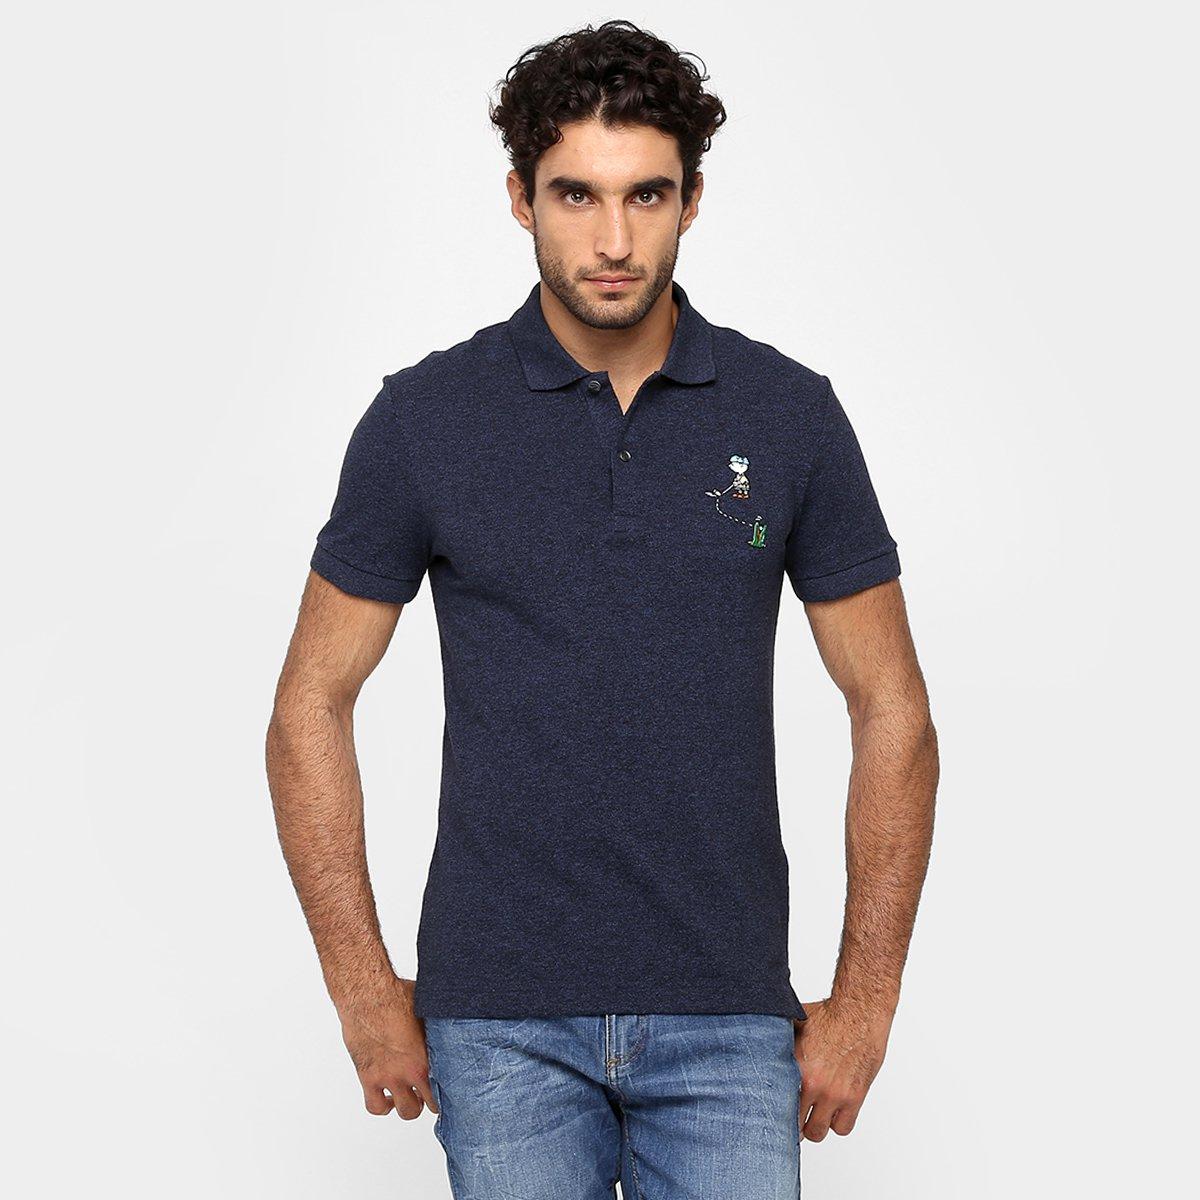 Camisa Polo Lacoste Piquet Charlie - Compre Agora  480664a69f2f5